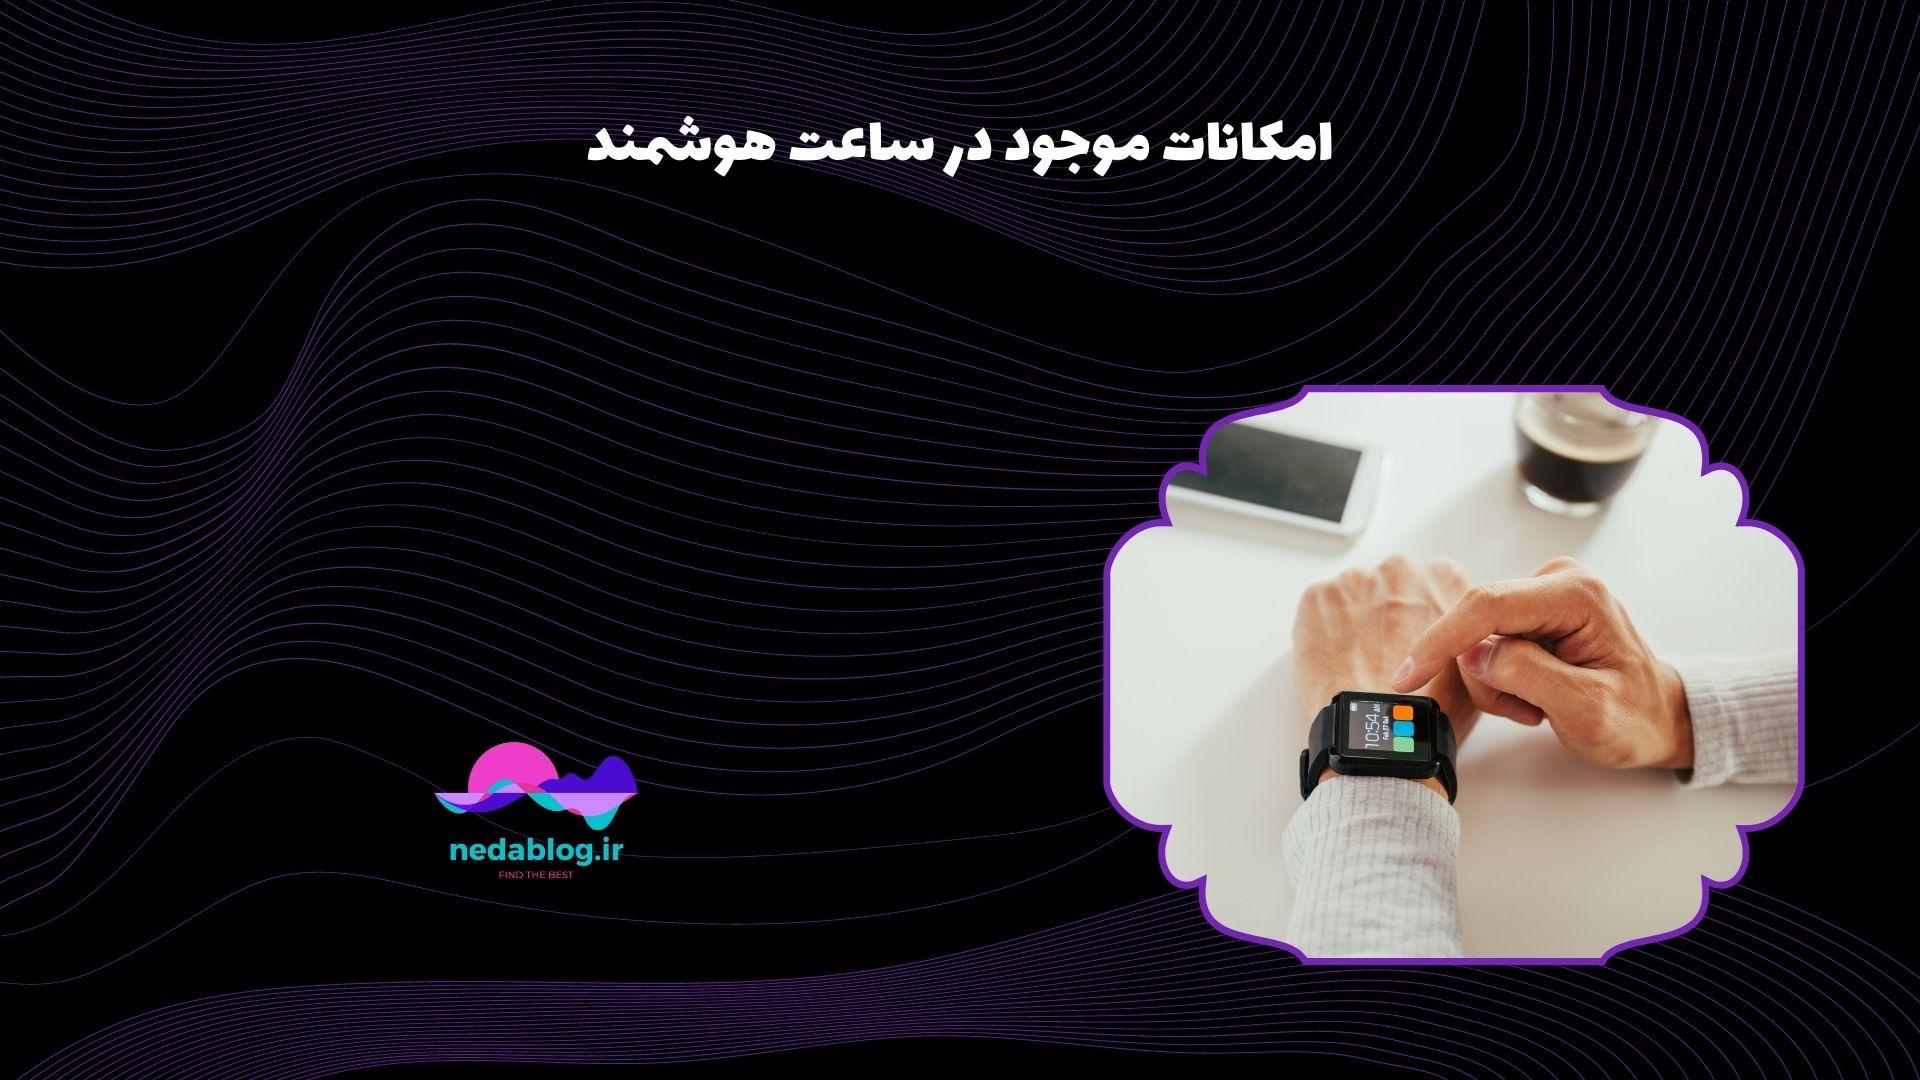 امکانات موجود در ساعت هوشمند